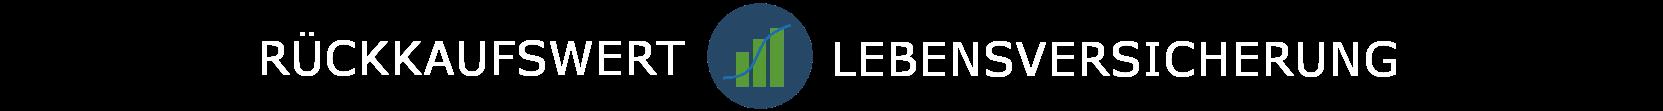 Logo Rückkaufswert